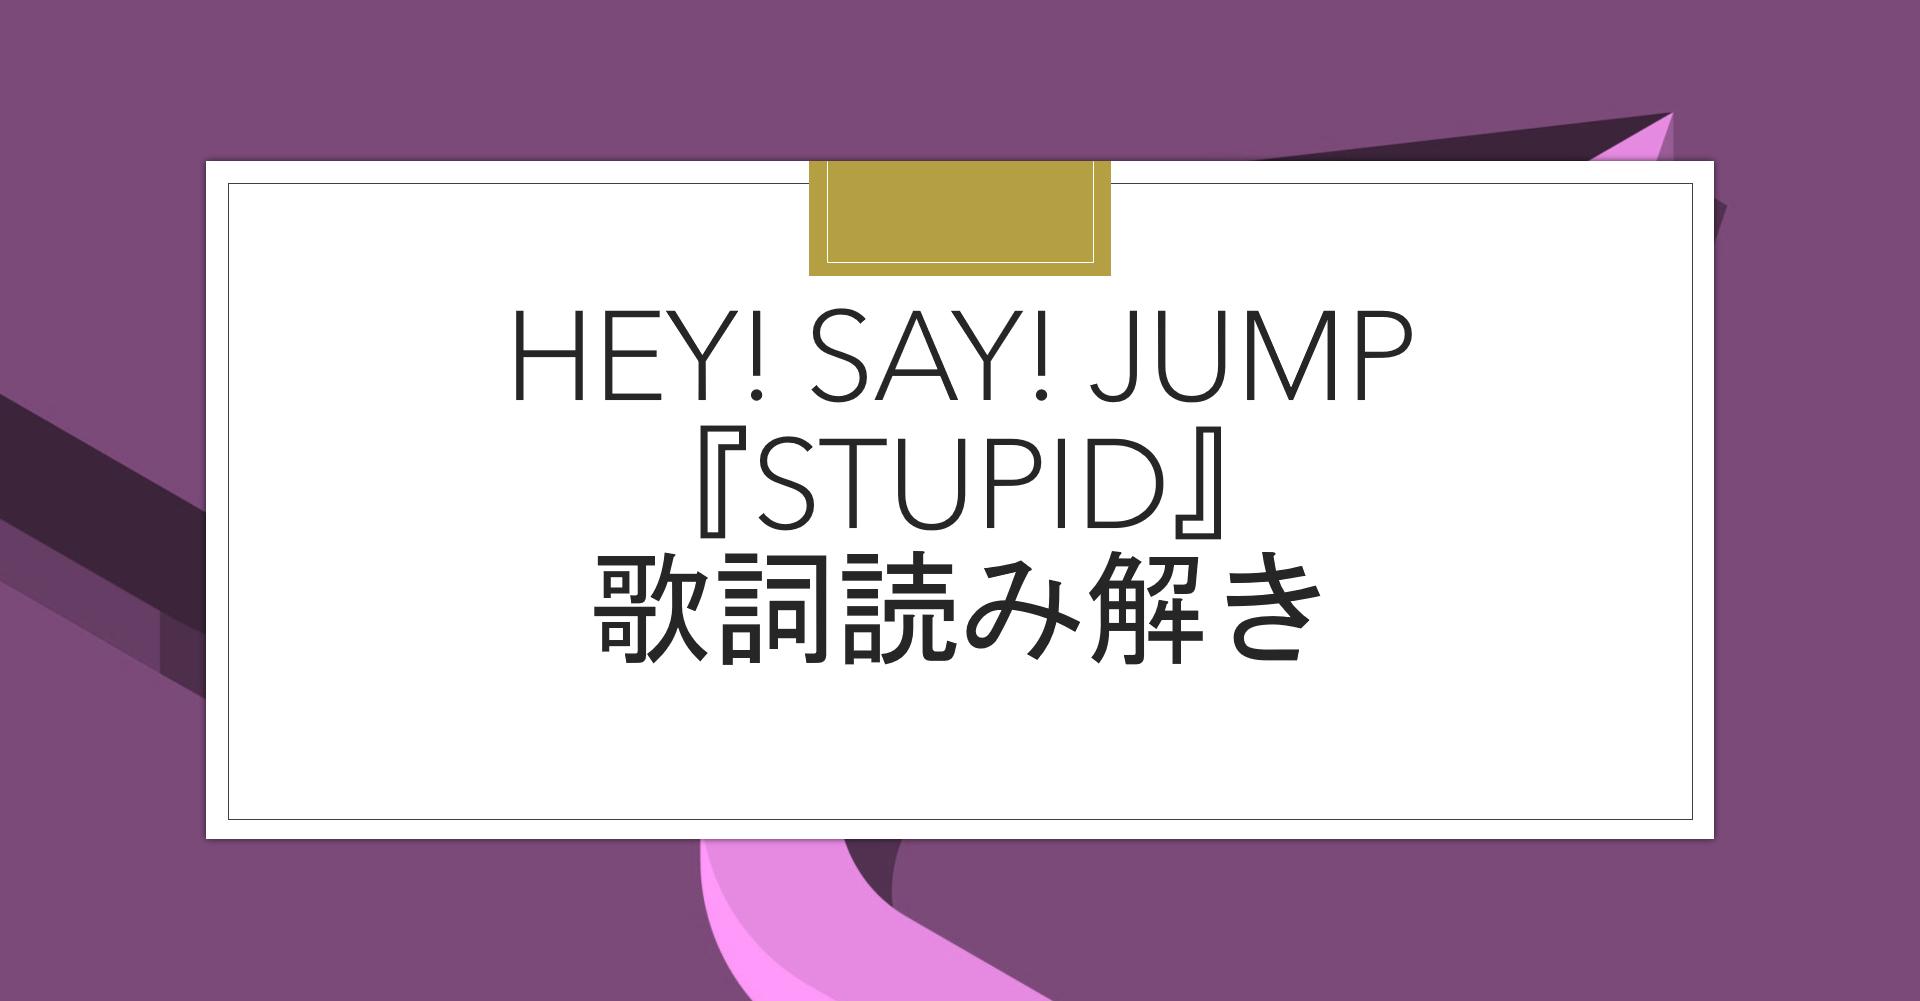 め 歌 Hey 歌詞 say jump の